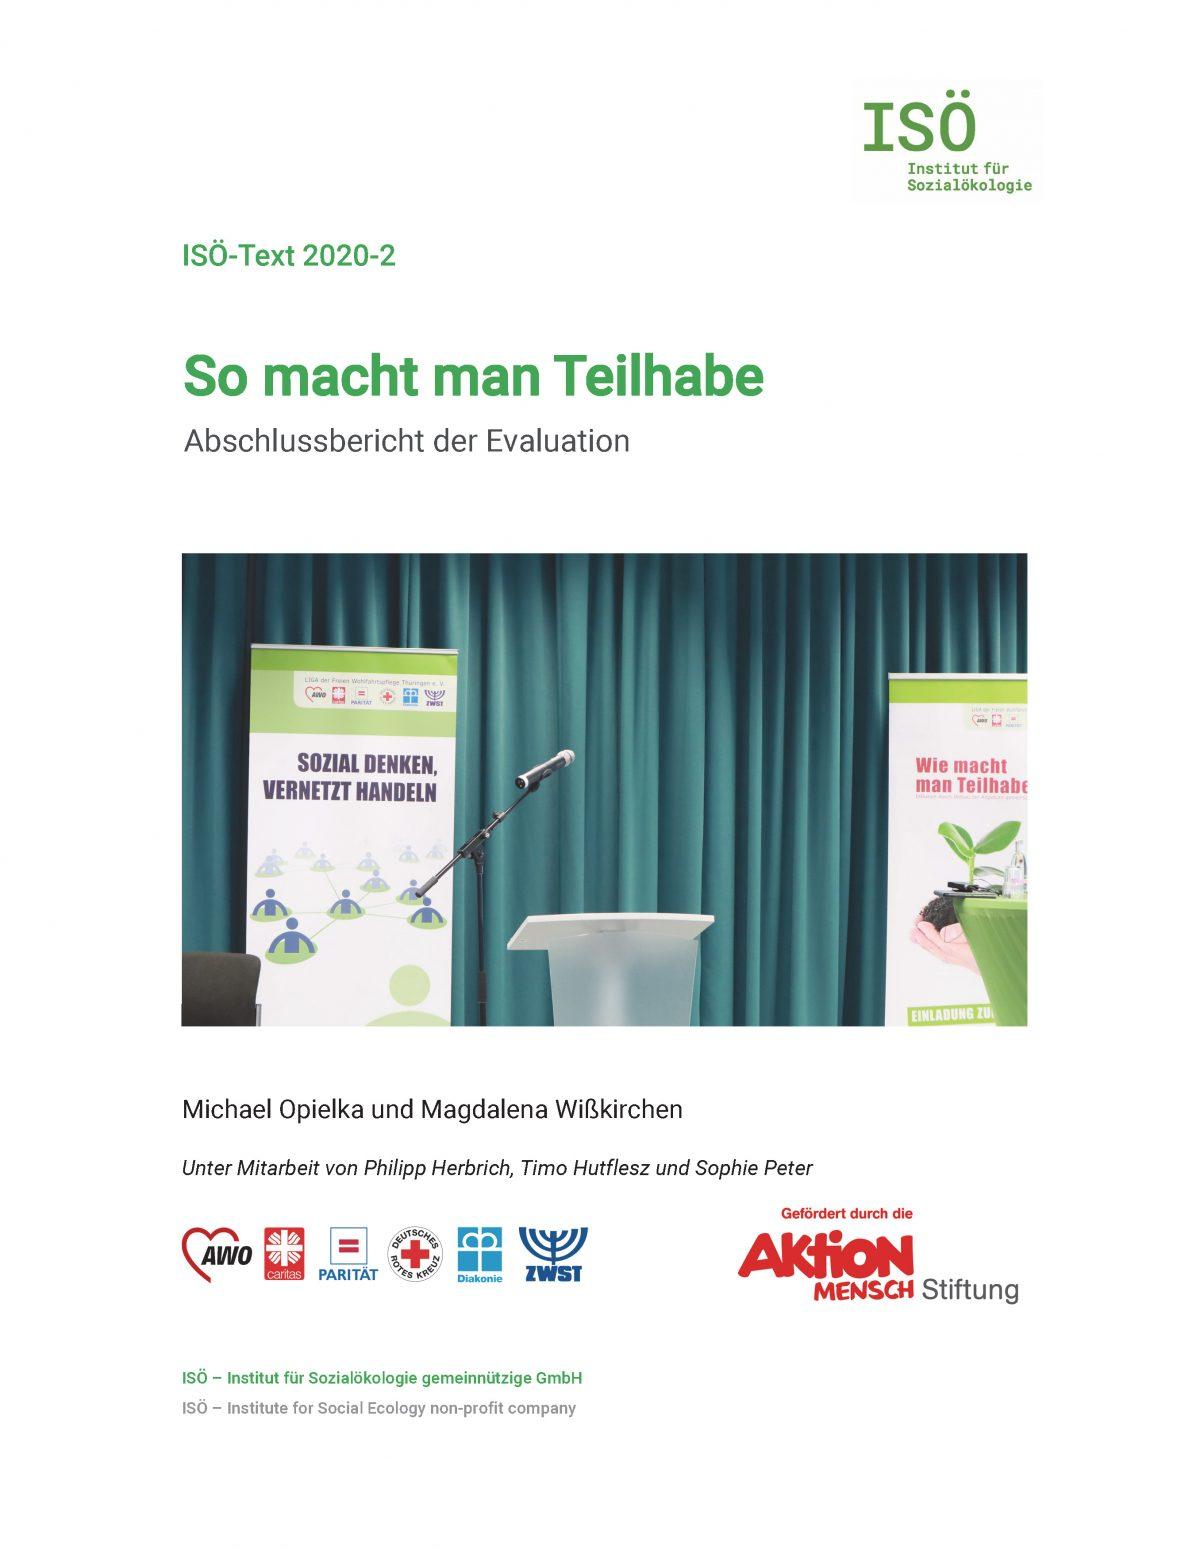 Michael Opielka/Magdalena Wißkirchen, So macht man Teilhabe. Abschlussbericht der Evaluation (ISÖ-Text 2020-2)